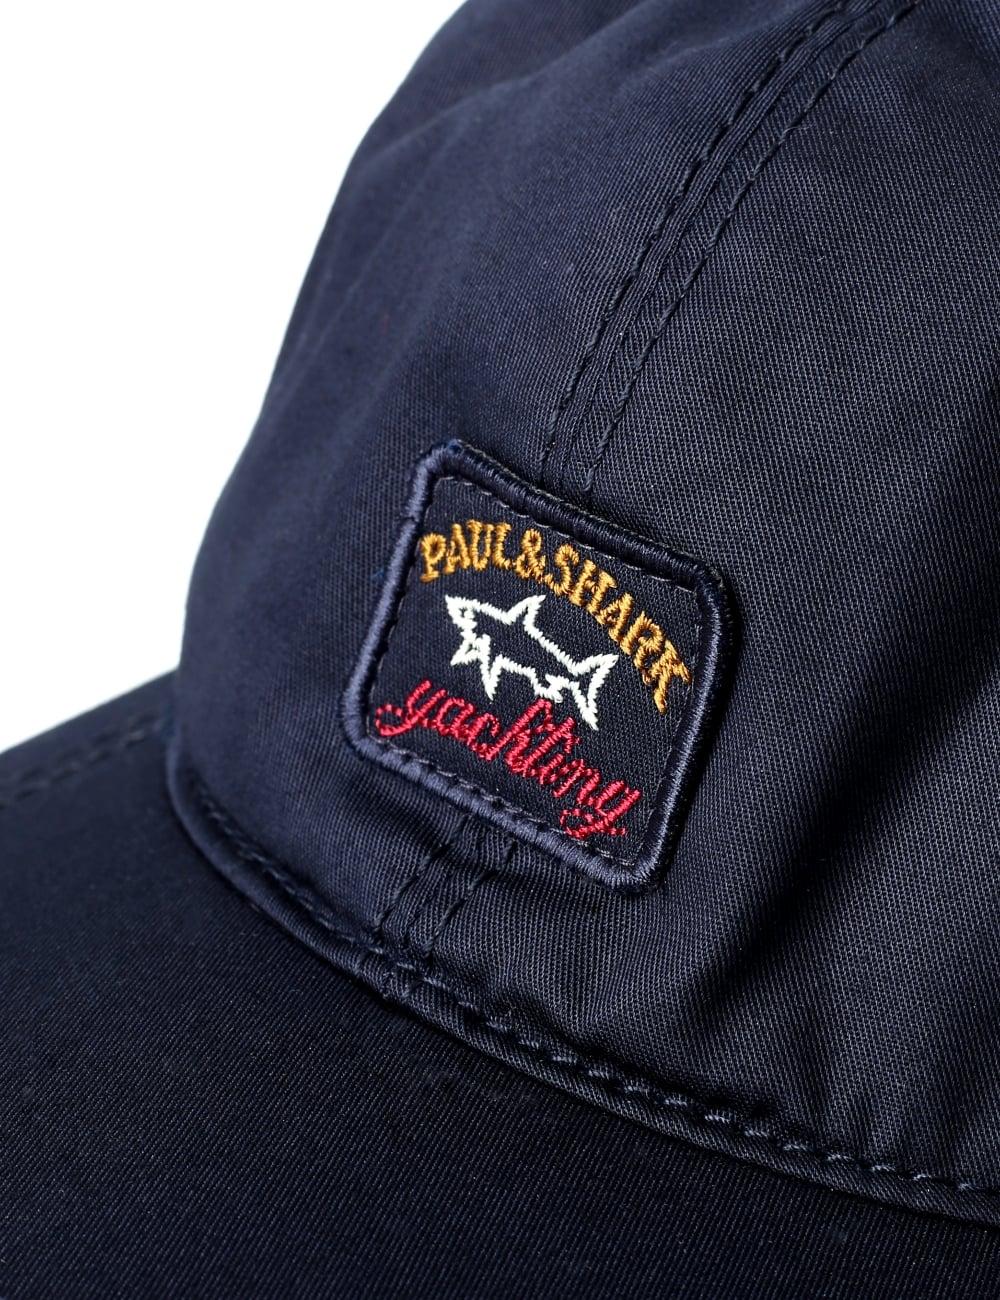 01f4b13c Paul & Shark Men's Woven Baseball Cap